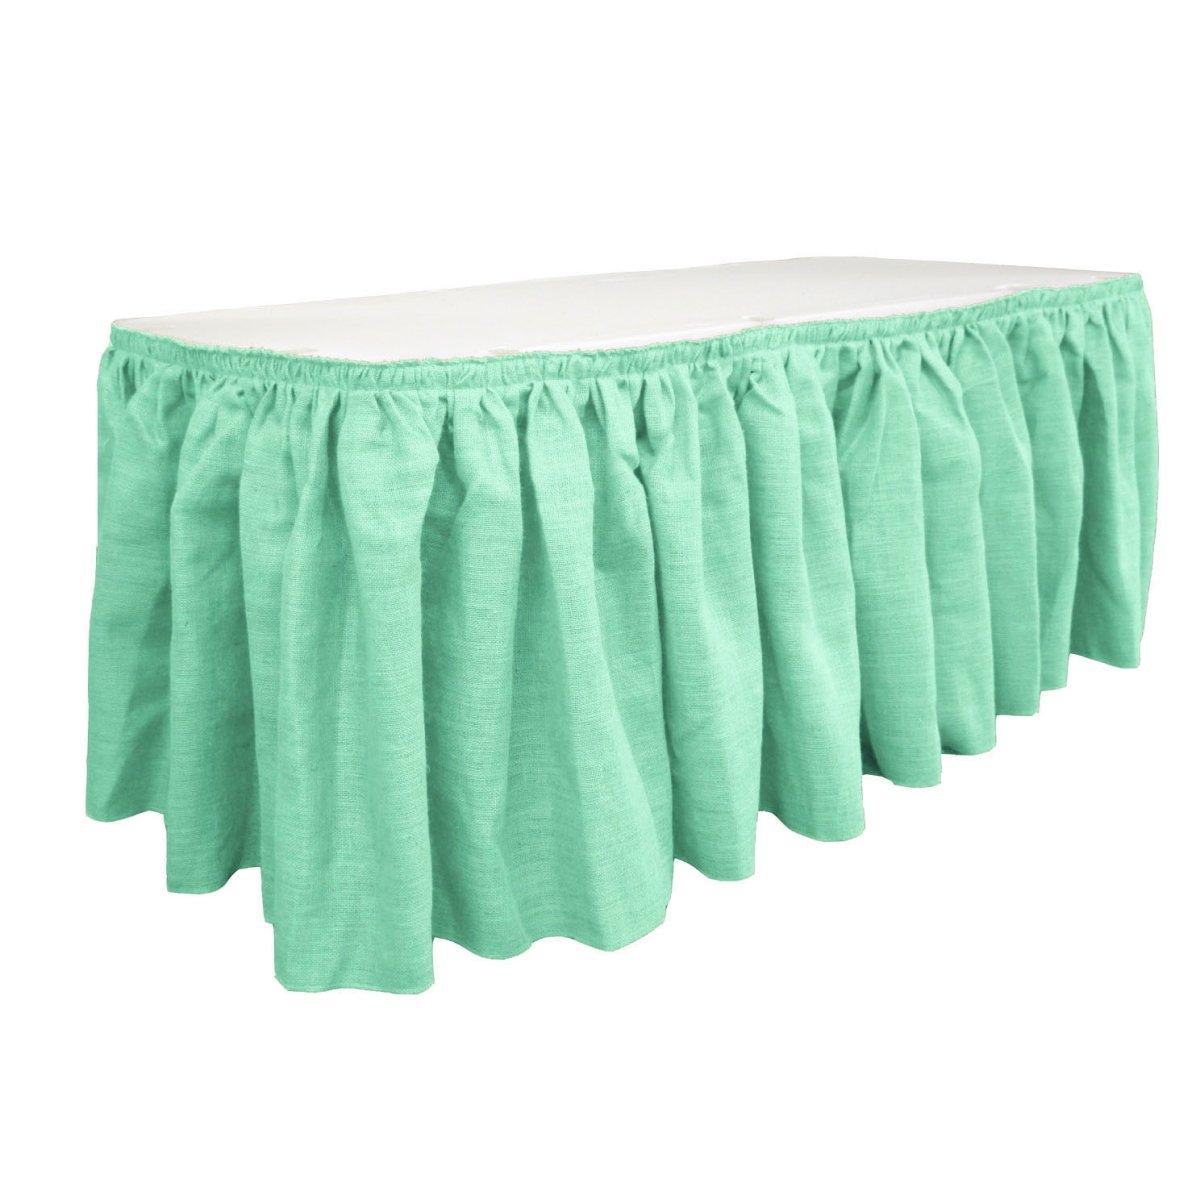 LA Linen SkirtBurlap17x29-10Lclips-Mint Burlap Table Skirt with 10 L-Clips44; Mint - 17 ft. x 29 in.